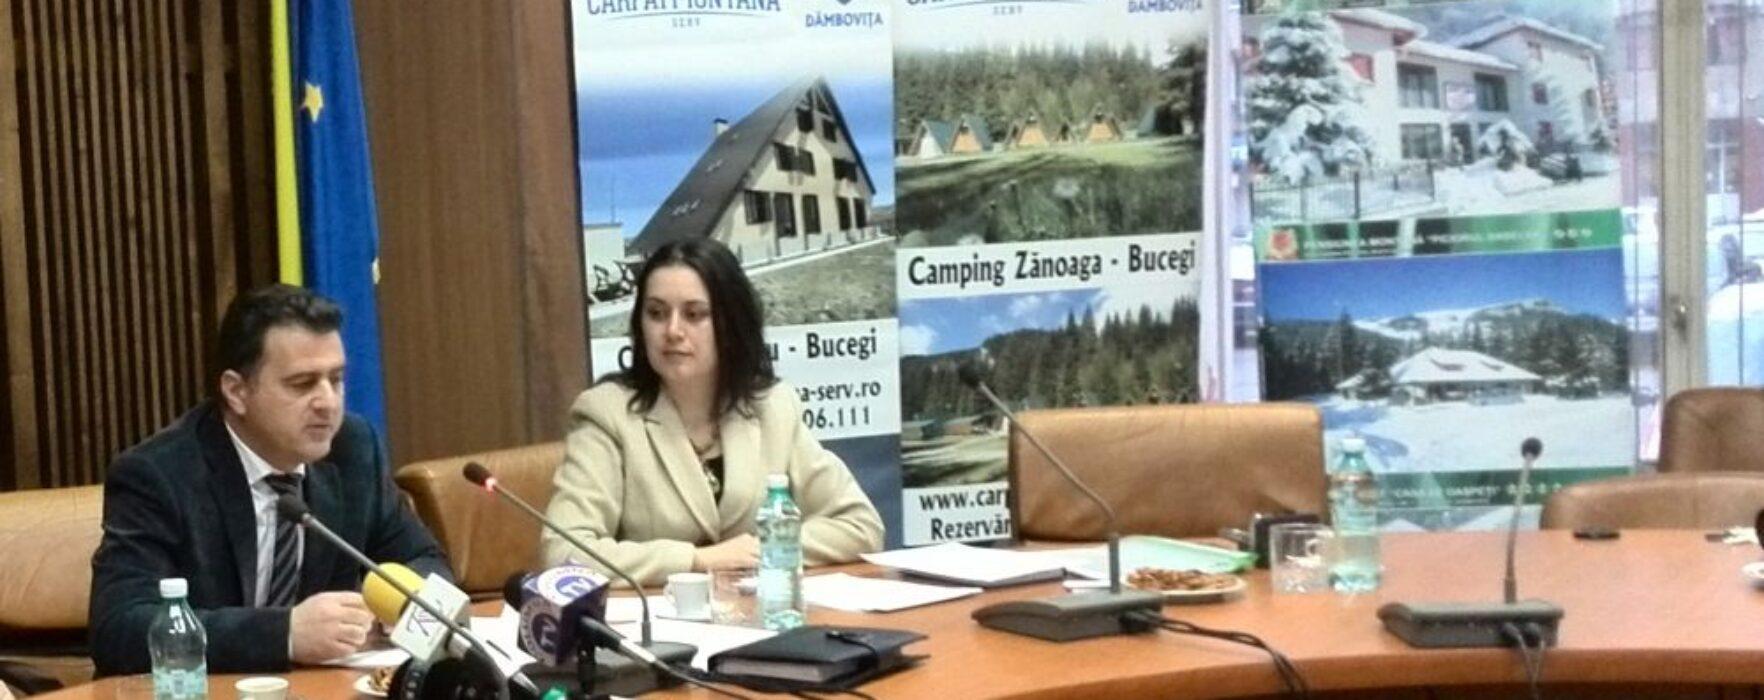 Carpatmontana: În 2014 vom promova mai agresiv cabanele din zona de munte a judeţului Dâmboviţa